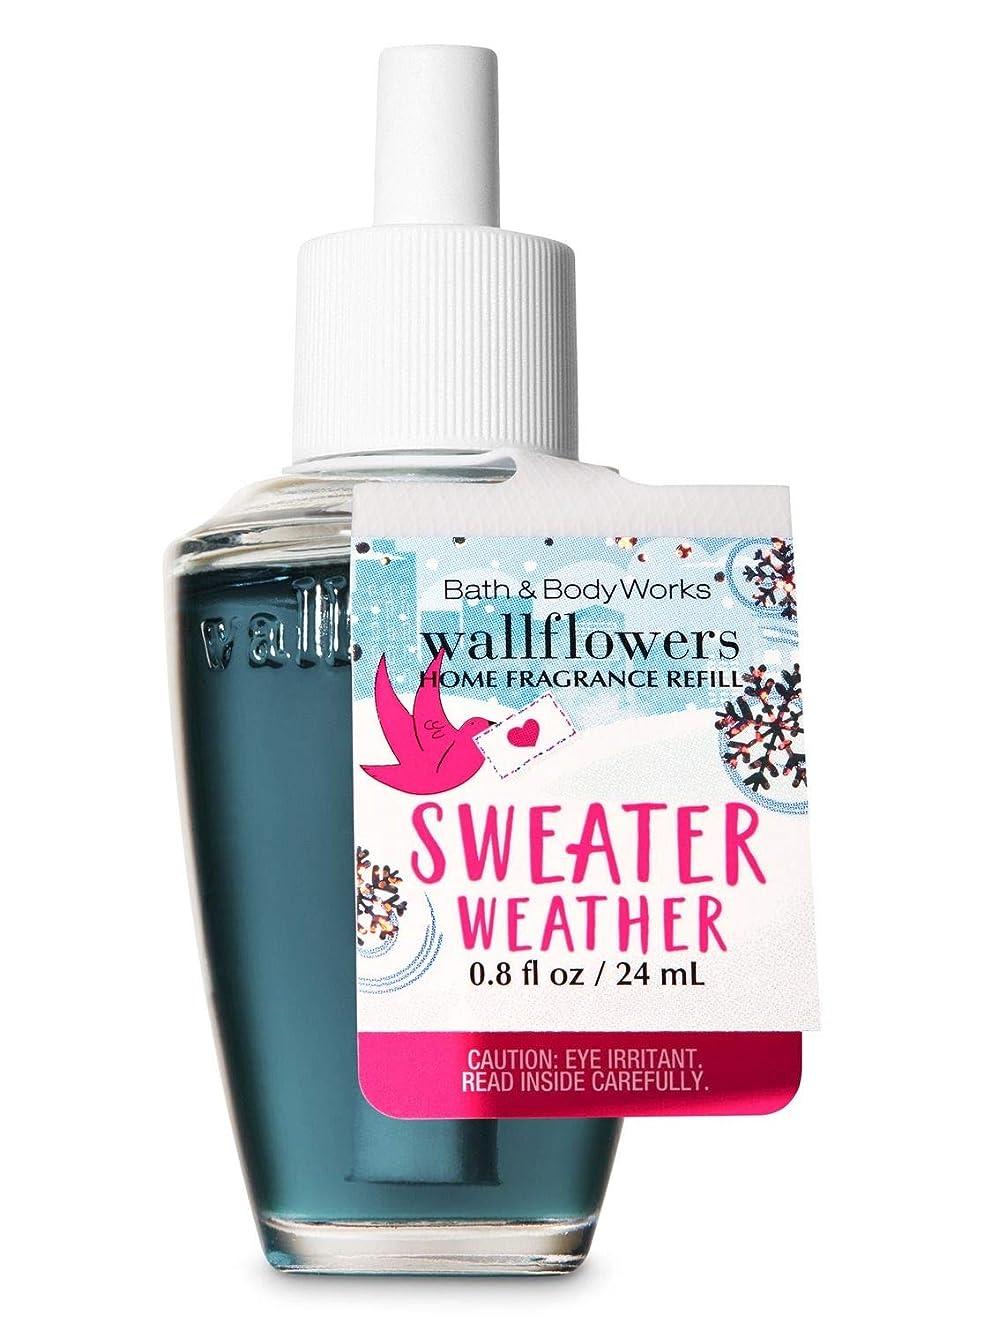 応援するオールモスク【Bath&Body Works/バス&ボディワークス】 ルームフレグランス 詰替えリフィル スウェターウェザー Wallflowers Home Fragrance Refill Sweater Weather [並行輸入品]